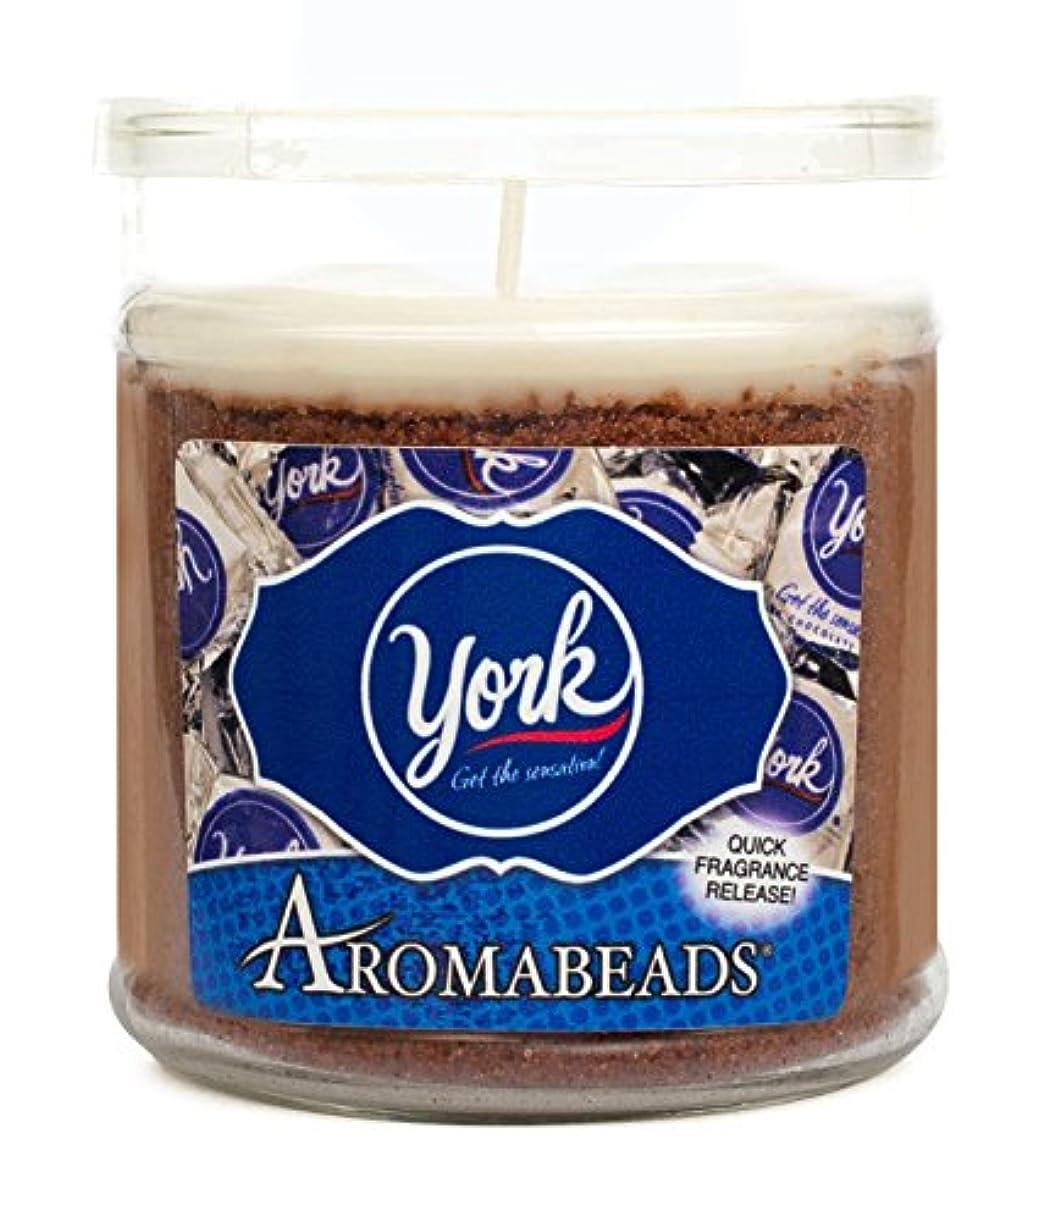 変数アテンダントマイクHanna 's Aromabeads 6oz Hershey 's Candy Scented Candle ブラウン